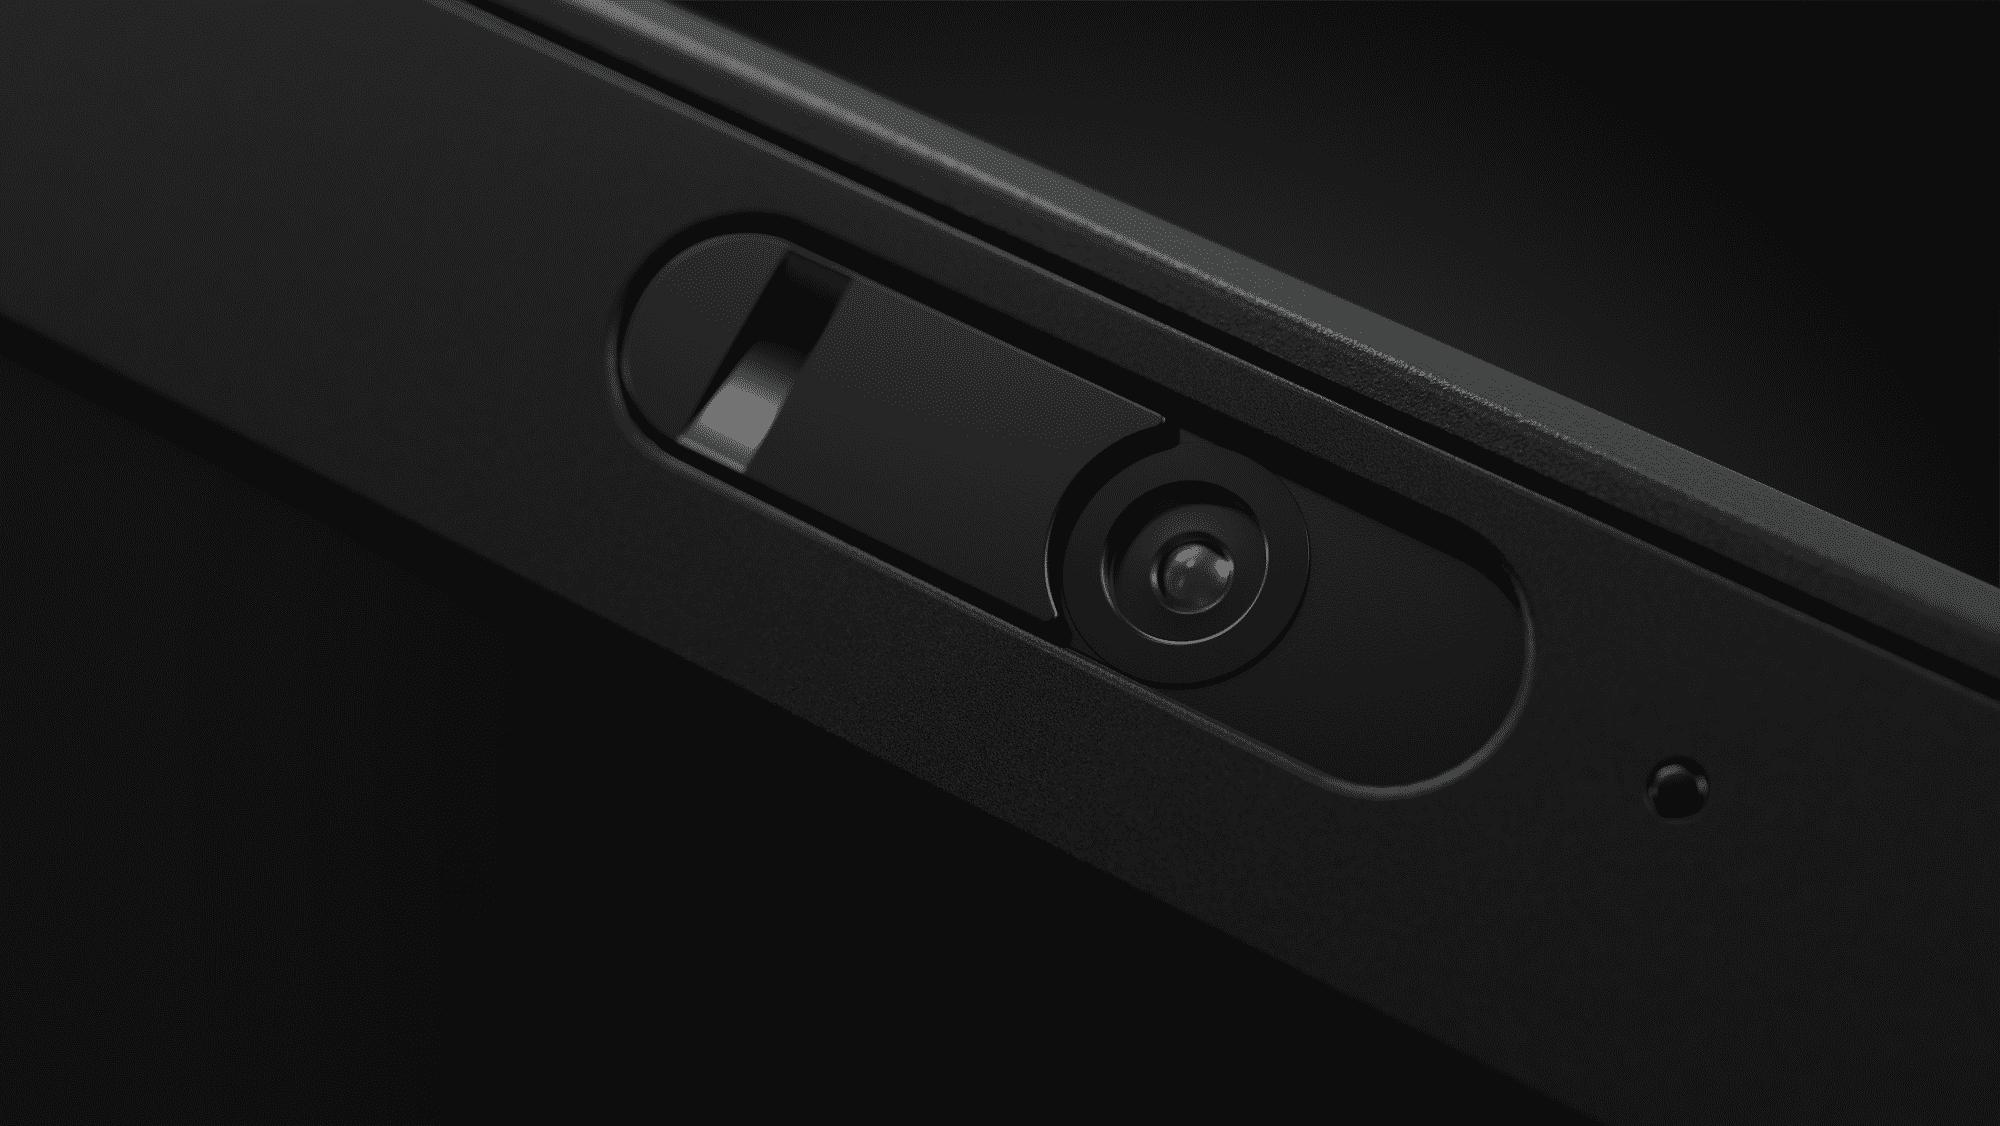 Die Webcam lässt sich mechanisch abdecken.